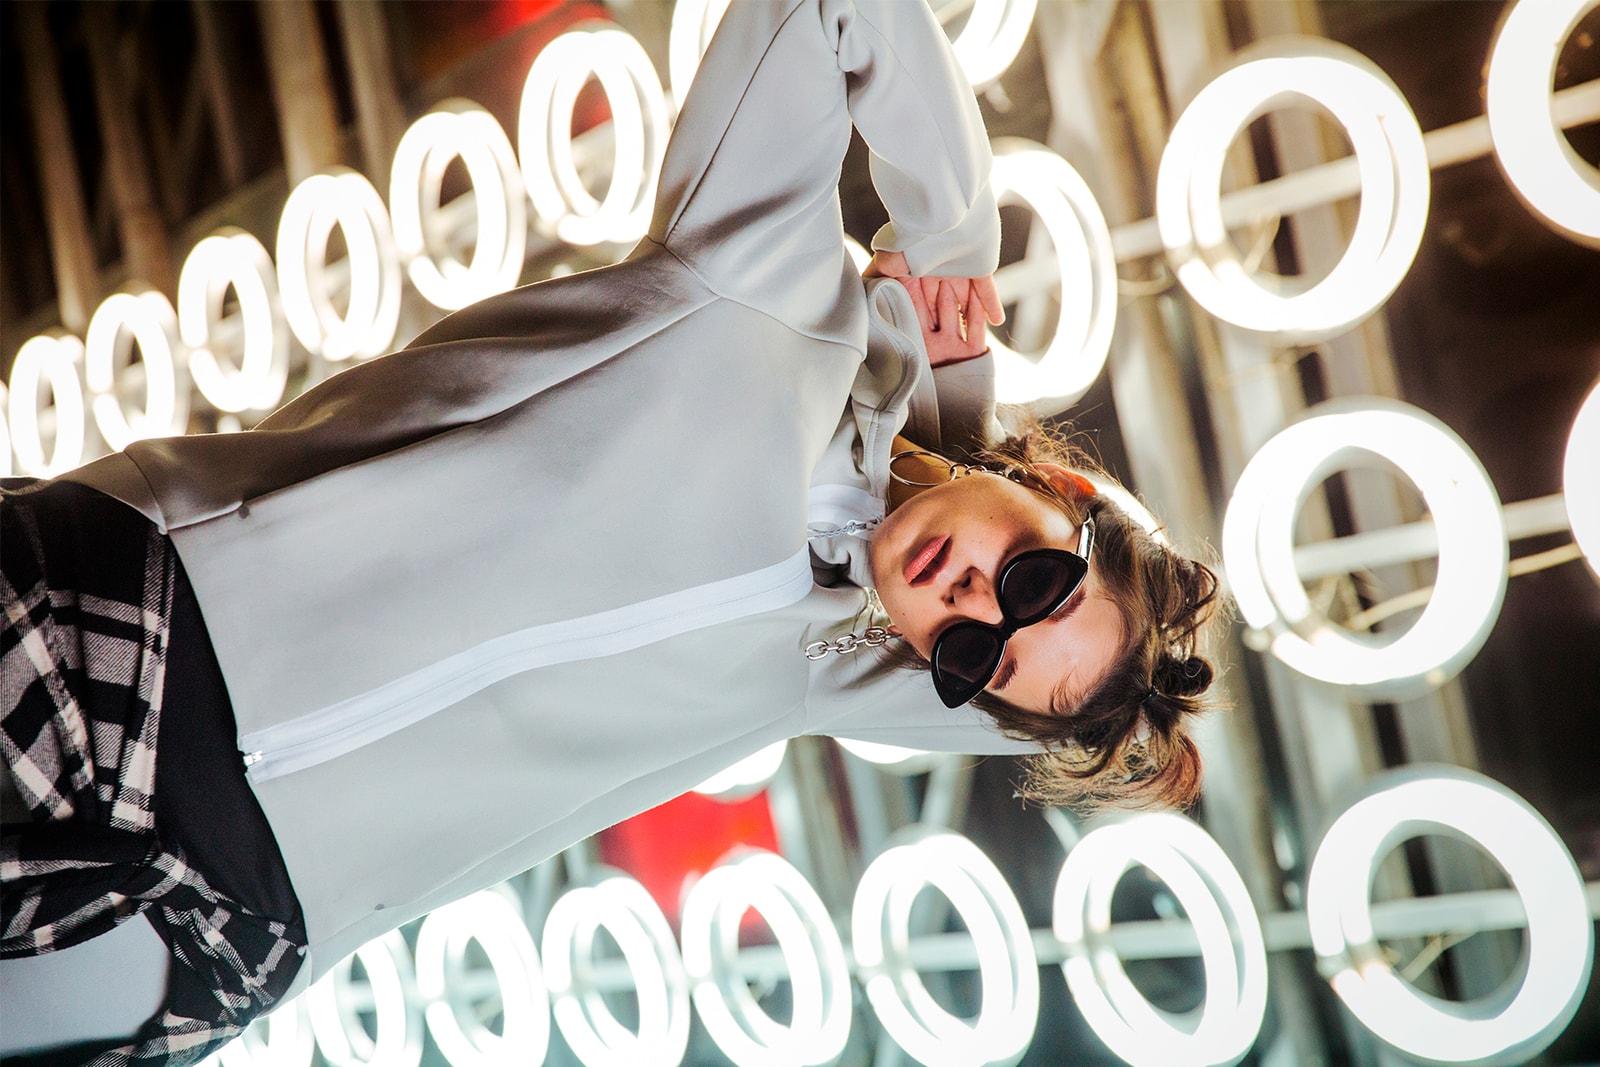 高运动機能品牌 ASICS,靜靜帶起新時尚風格